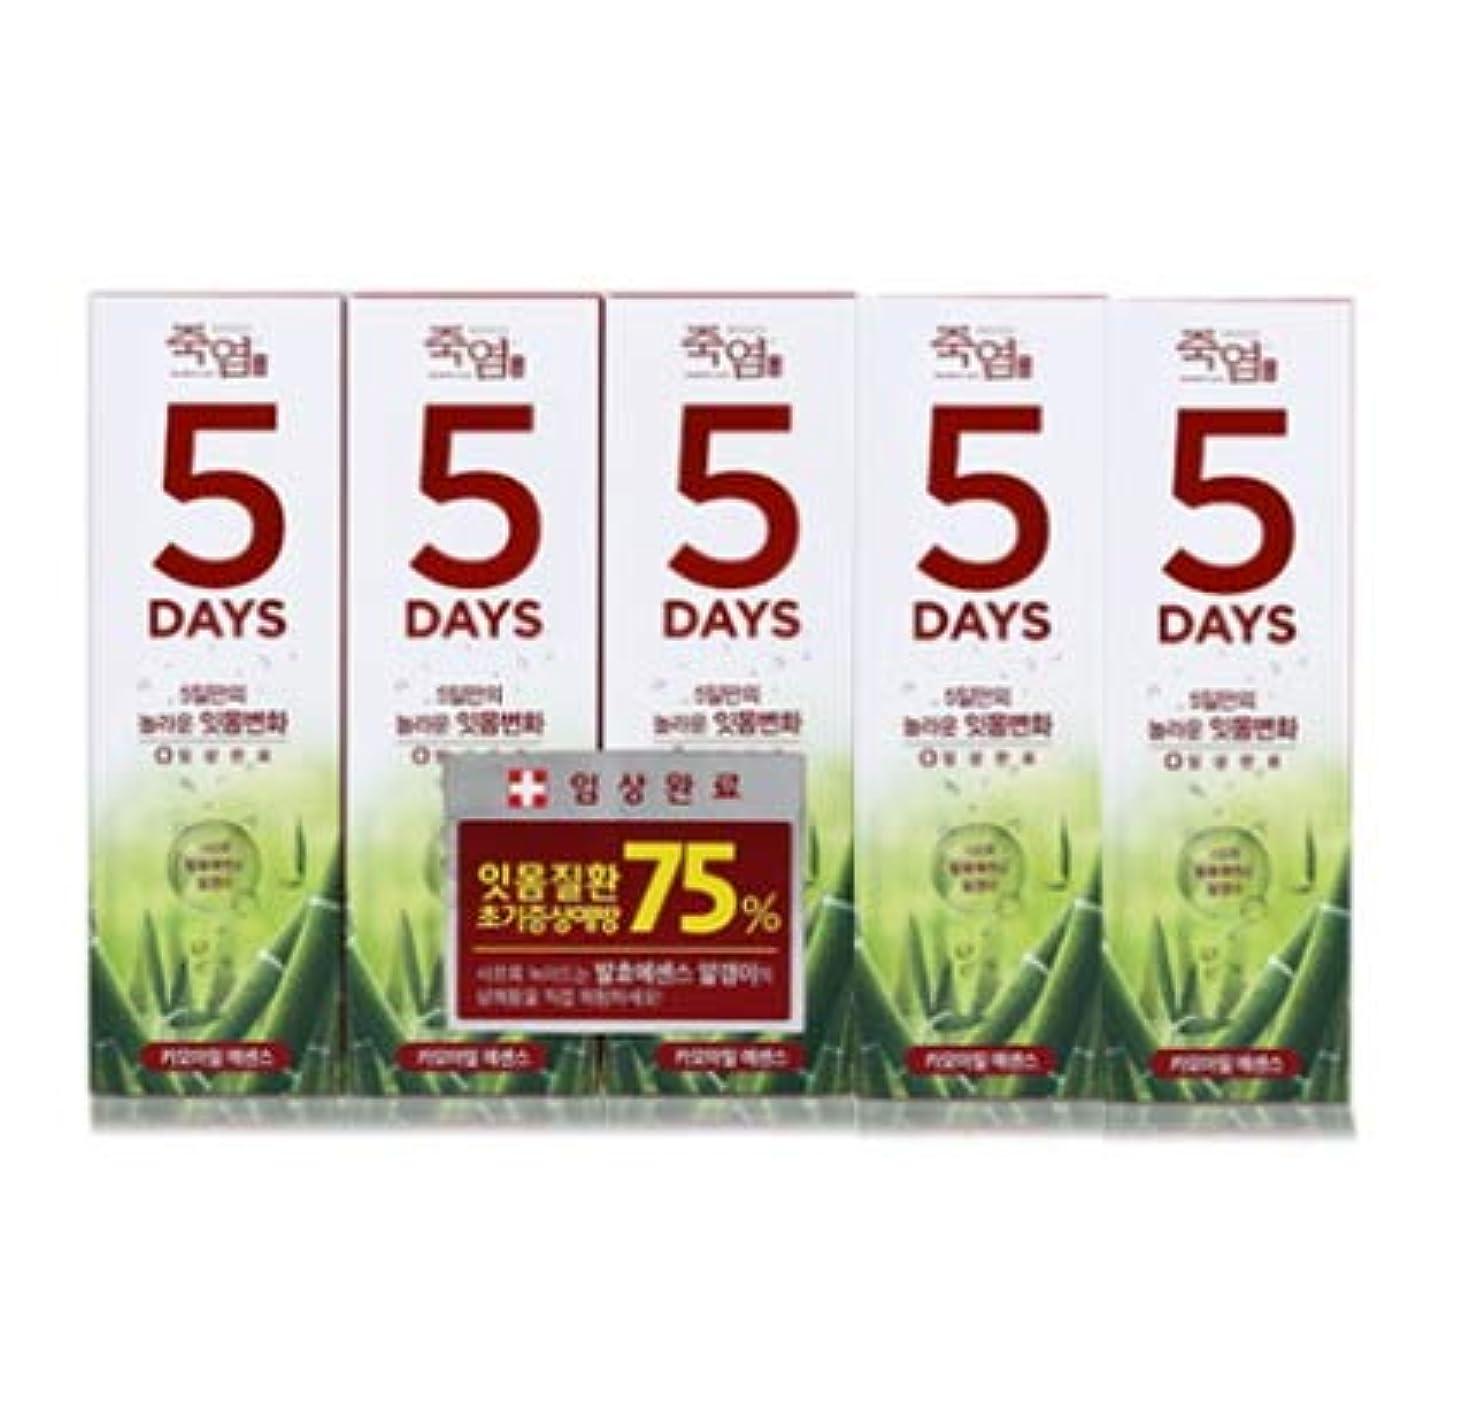 不機嫌トレイルバーゲン[LG Care/LG生活健康]竹塩歯磨き粉5daysカモミールエッセンス100g x5ea/歯磨きセットスペシャル?リミテッドToothpaste Set Special Limited Korea(海外直送品)